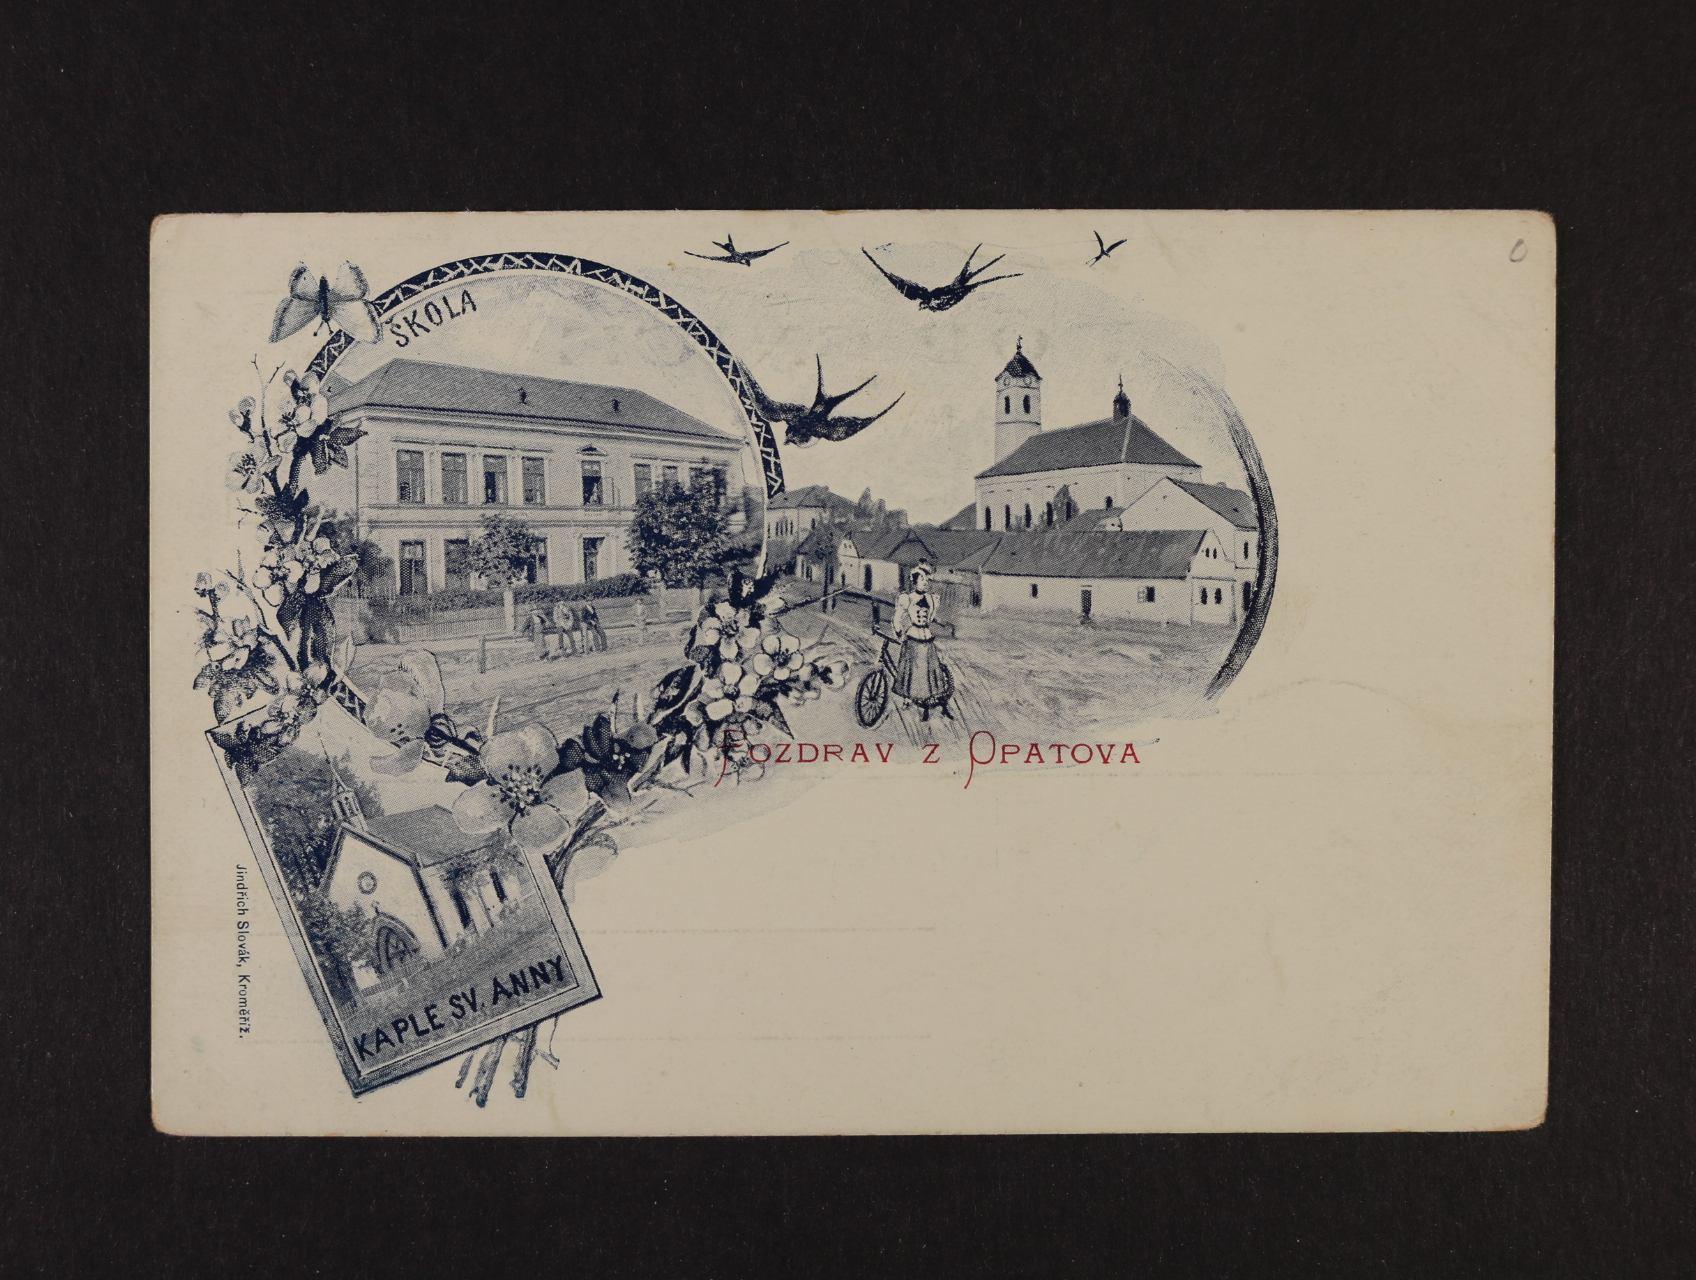 Opatov - jednobar. litograf. koláž, dl. adresa, nepoužitá, dobrá kvalita